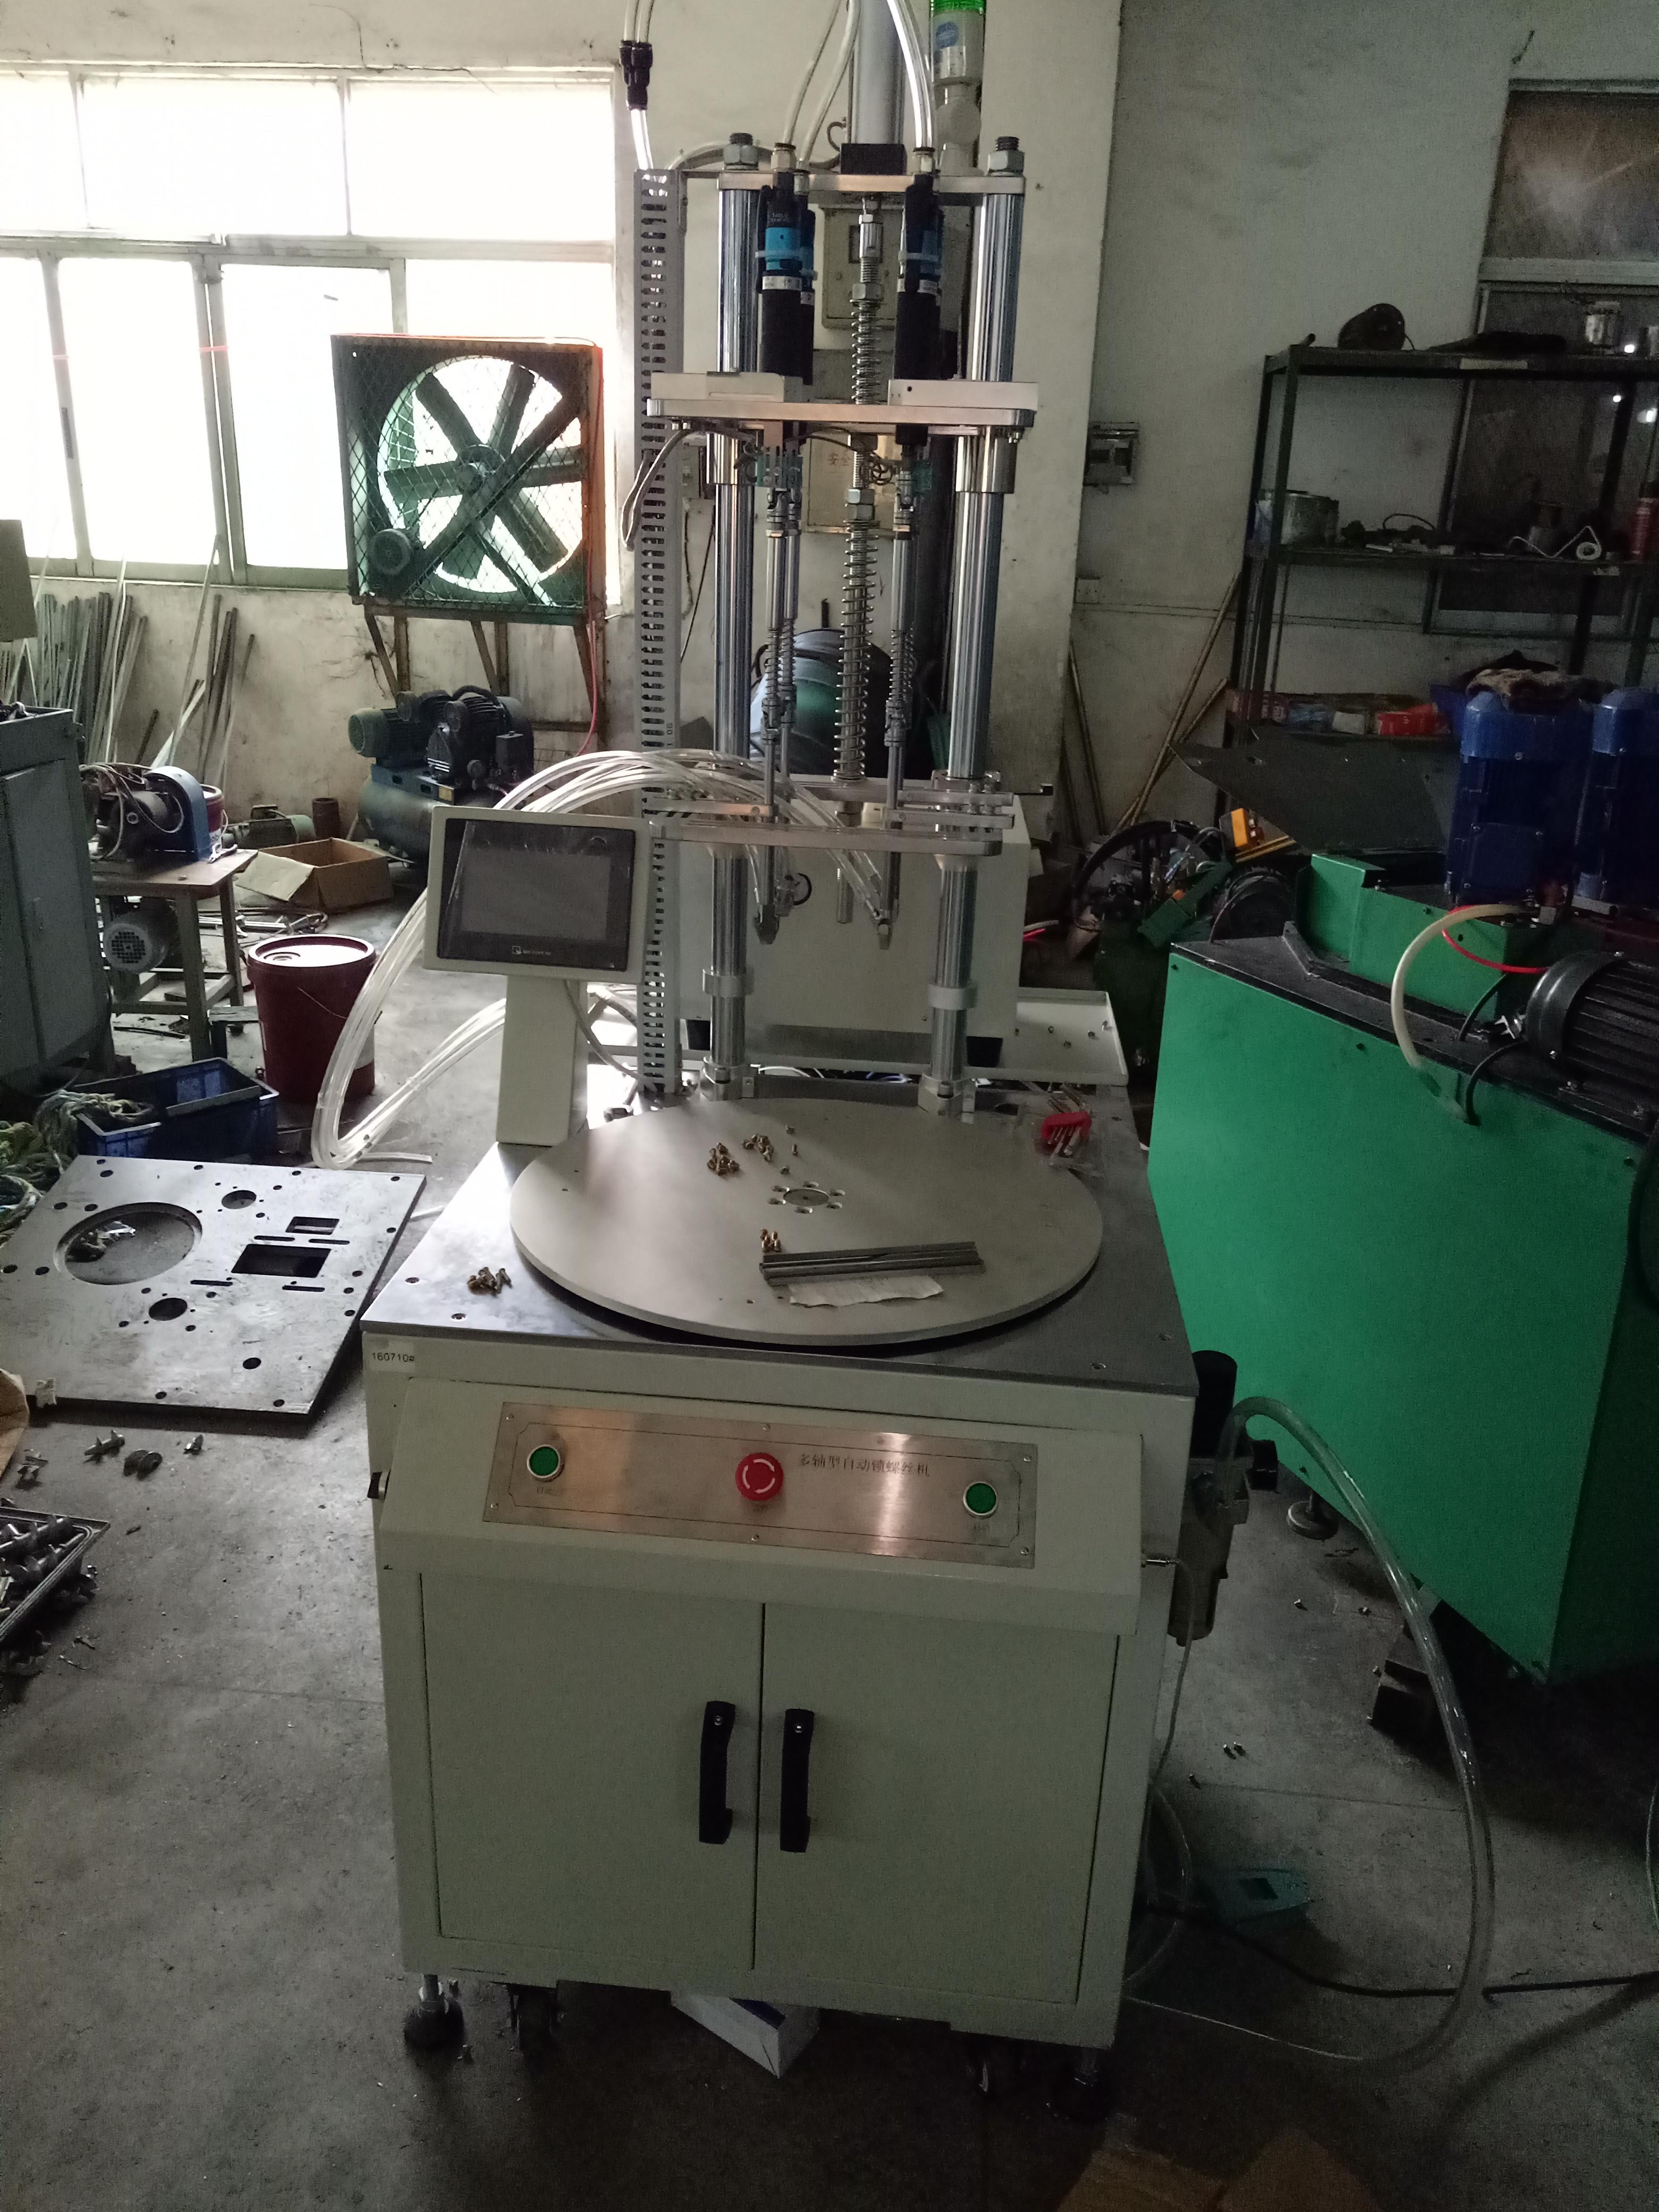 广州自动锁螺丝机厂家出售 广州自动锁螺丝机供应商 广州自动锁螺丝机价格 广州自动锁螺丝机哪家好